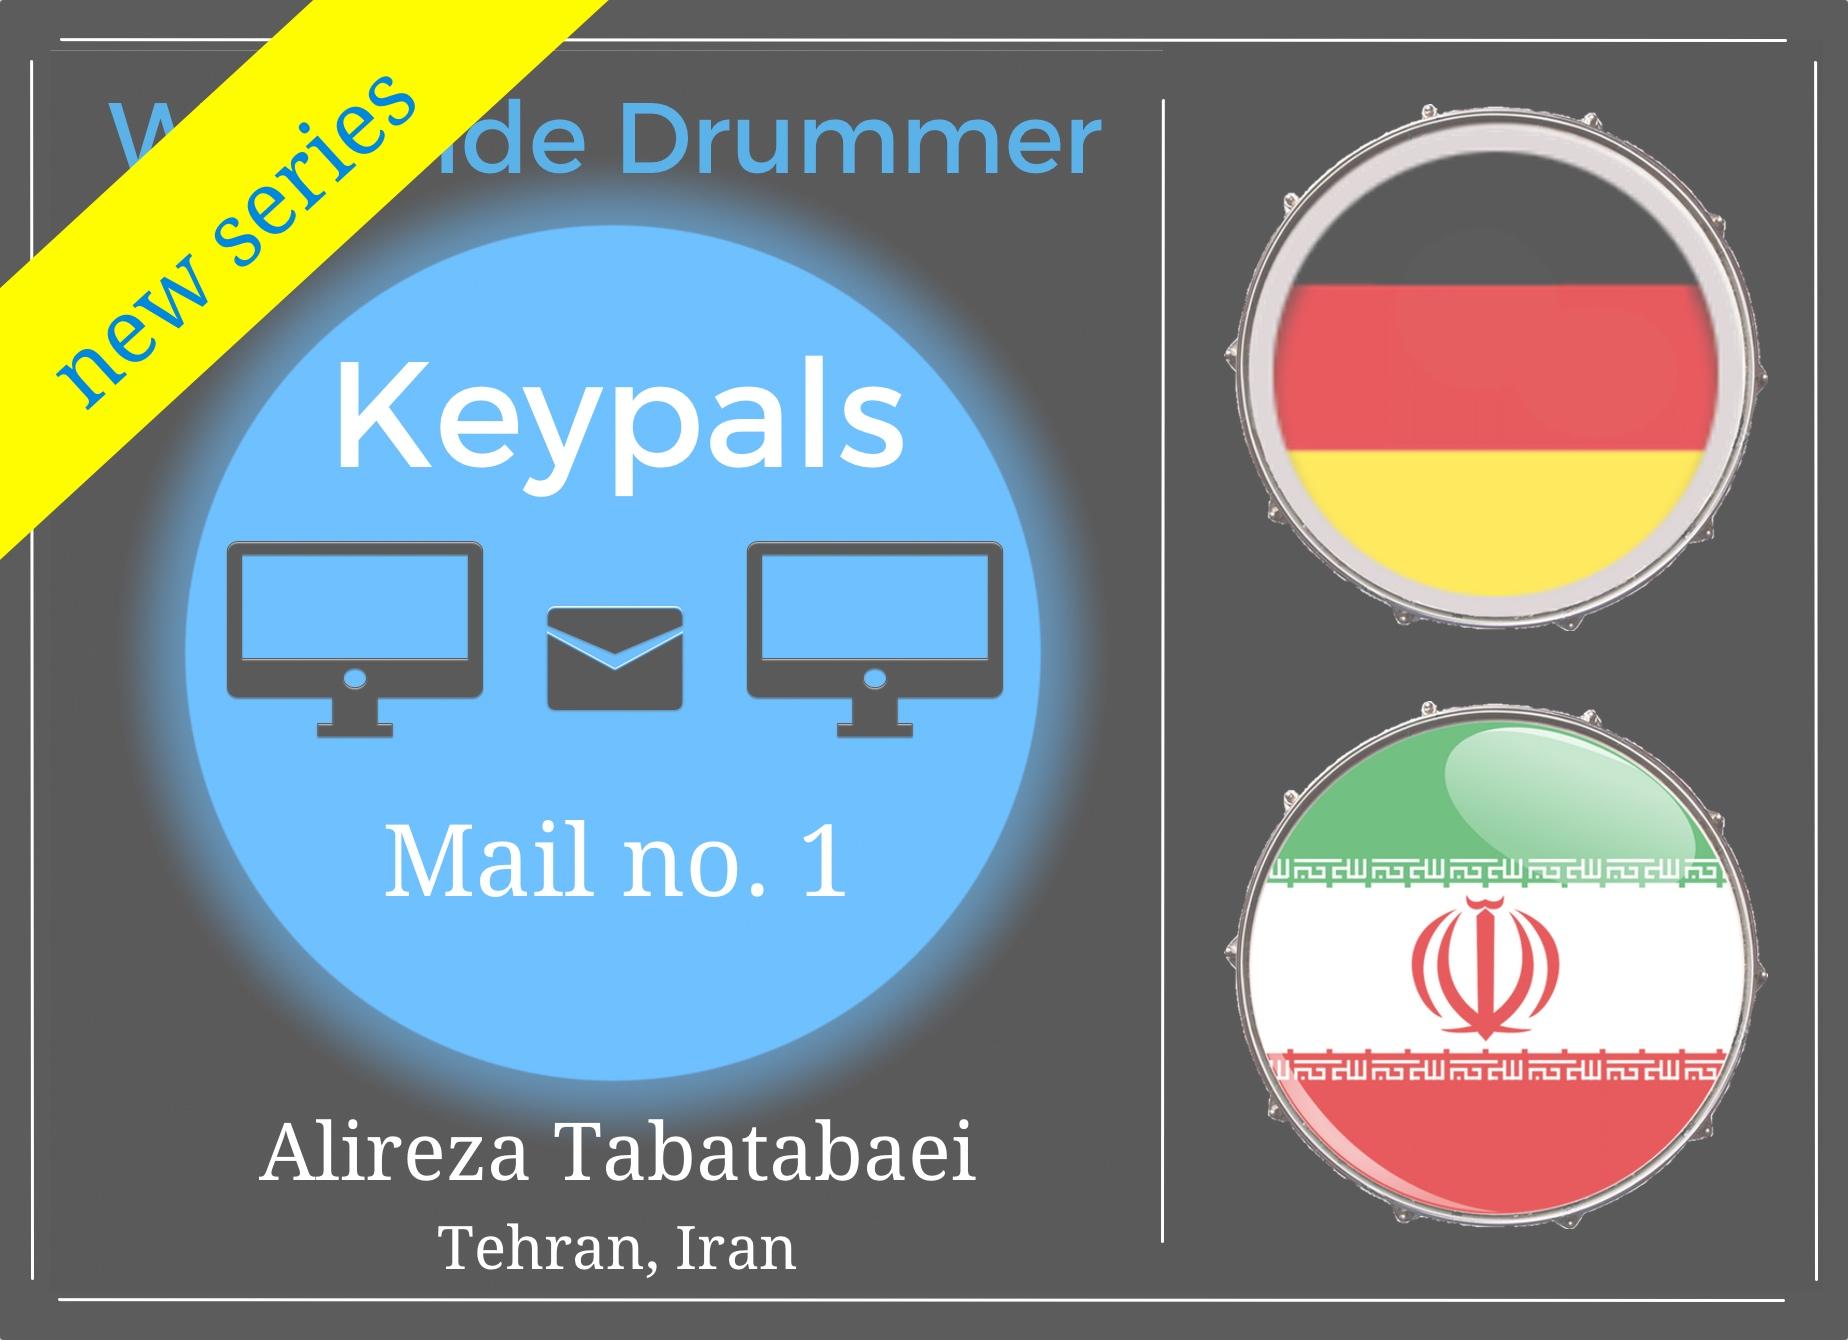 Worldwide Drummer Keypals, mail no. 1